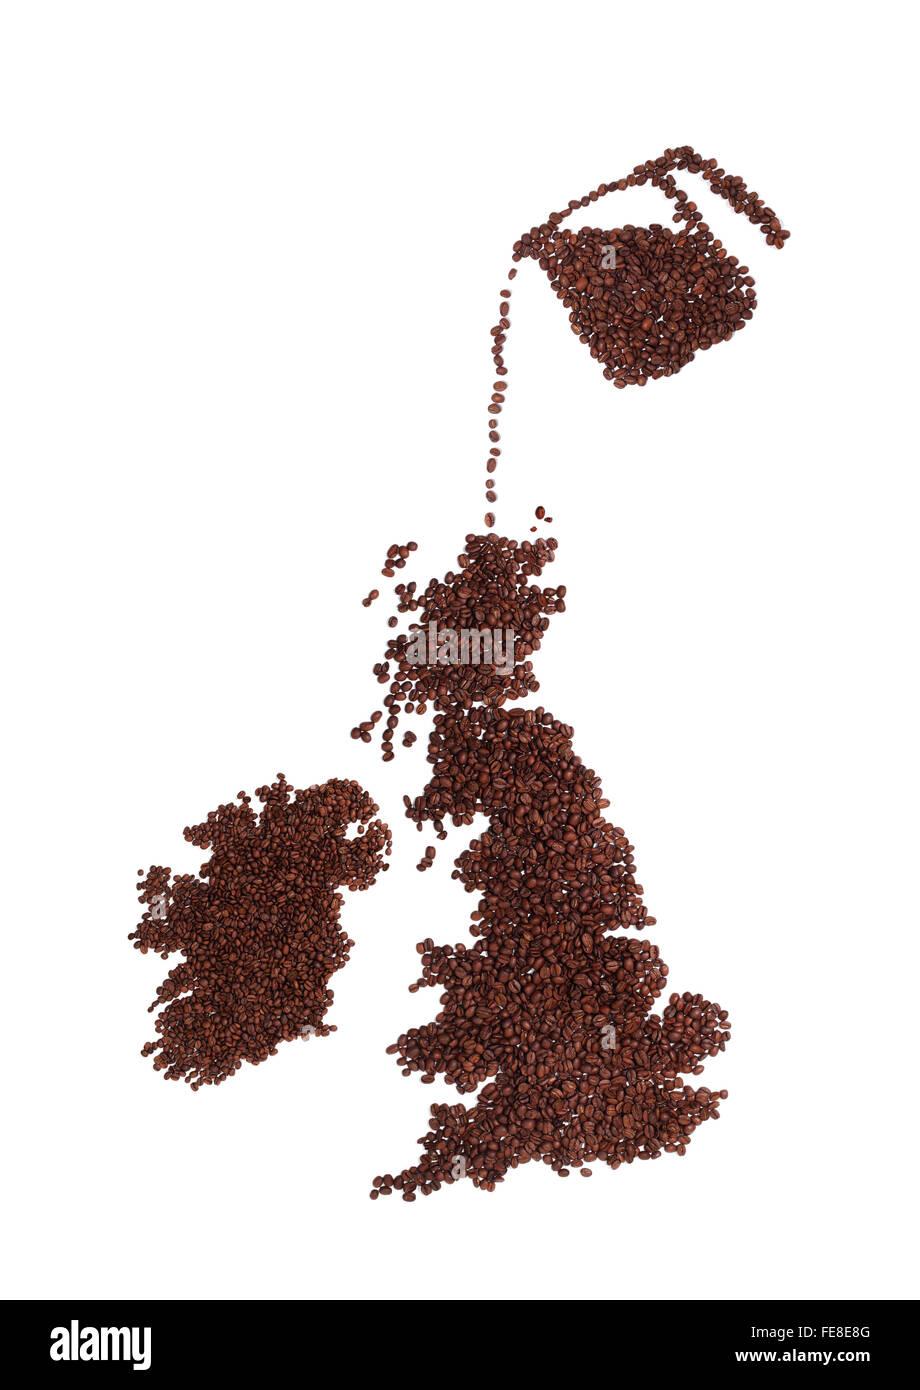 Bricco di caffè versare i fagioli in una mappa di Inghilterra, Irlanda e Scozia. Tutti realizzati dal marrone, Immagini Stock